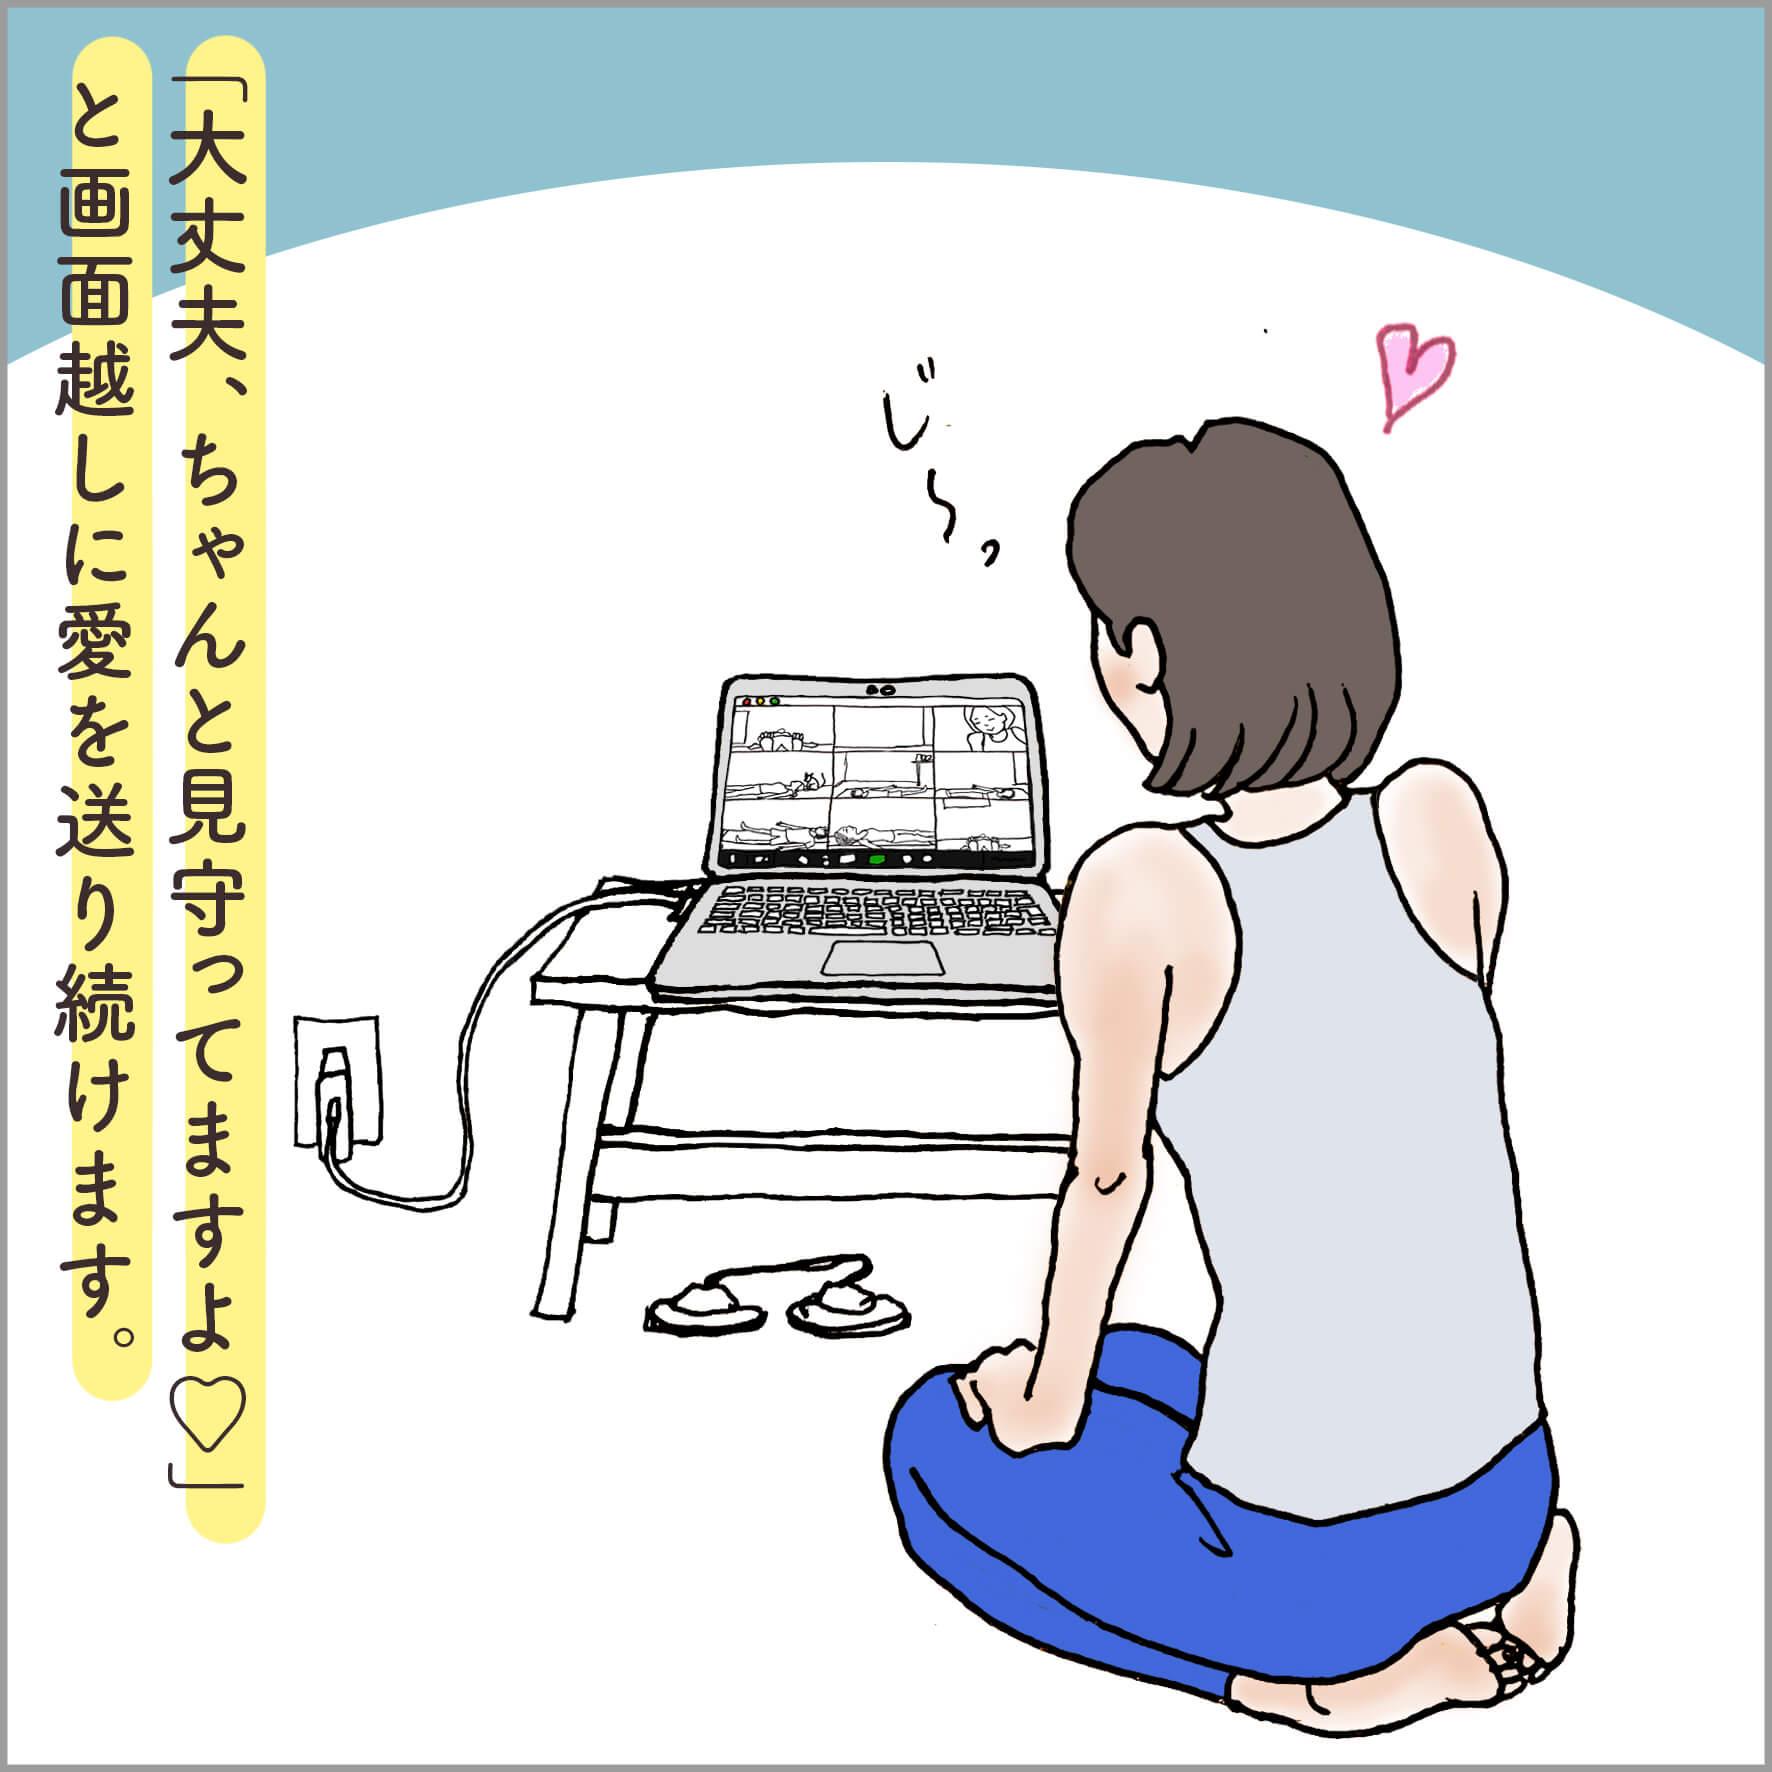 パソコンの前でヨガを伝える主人公